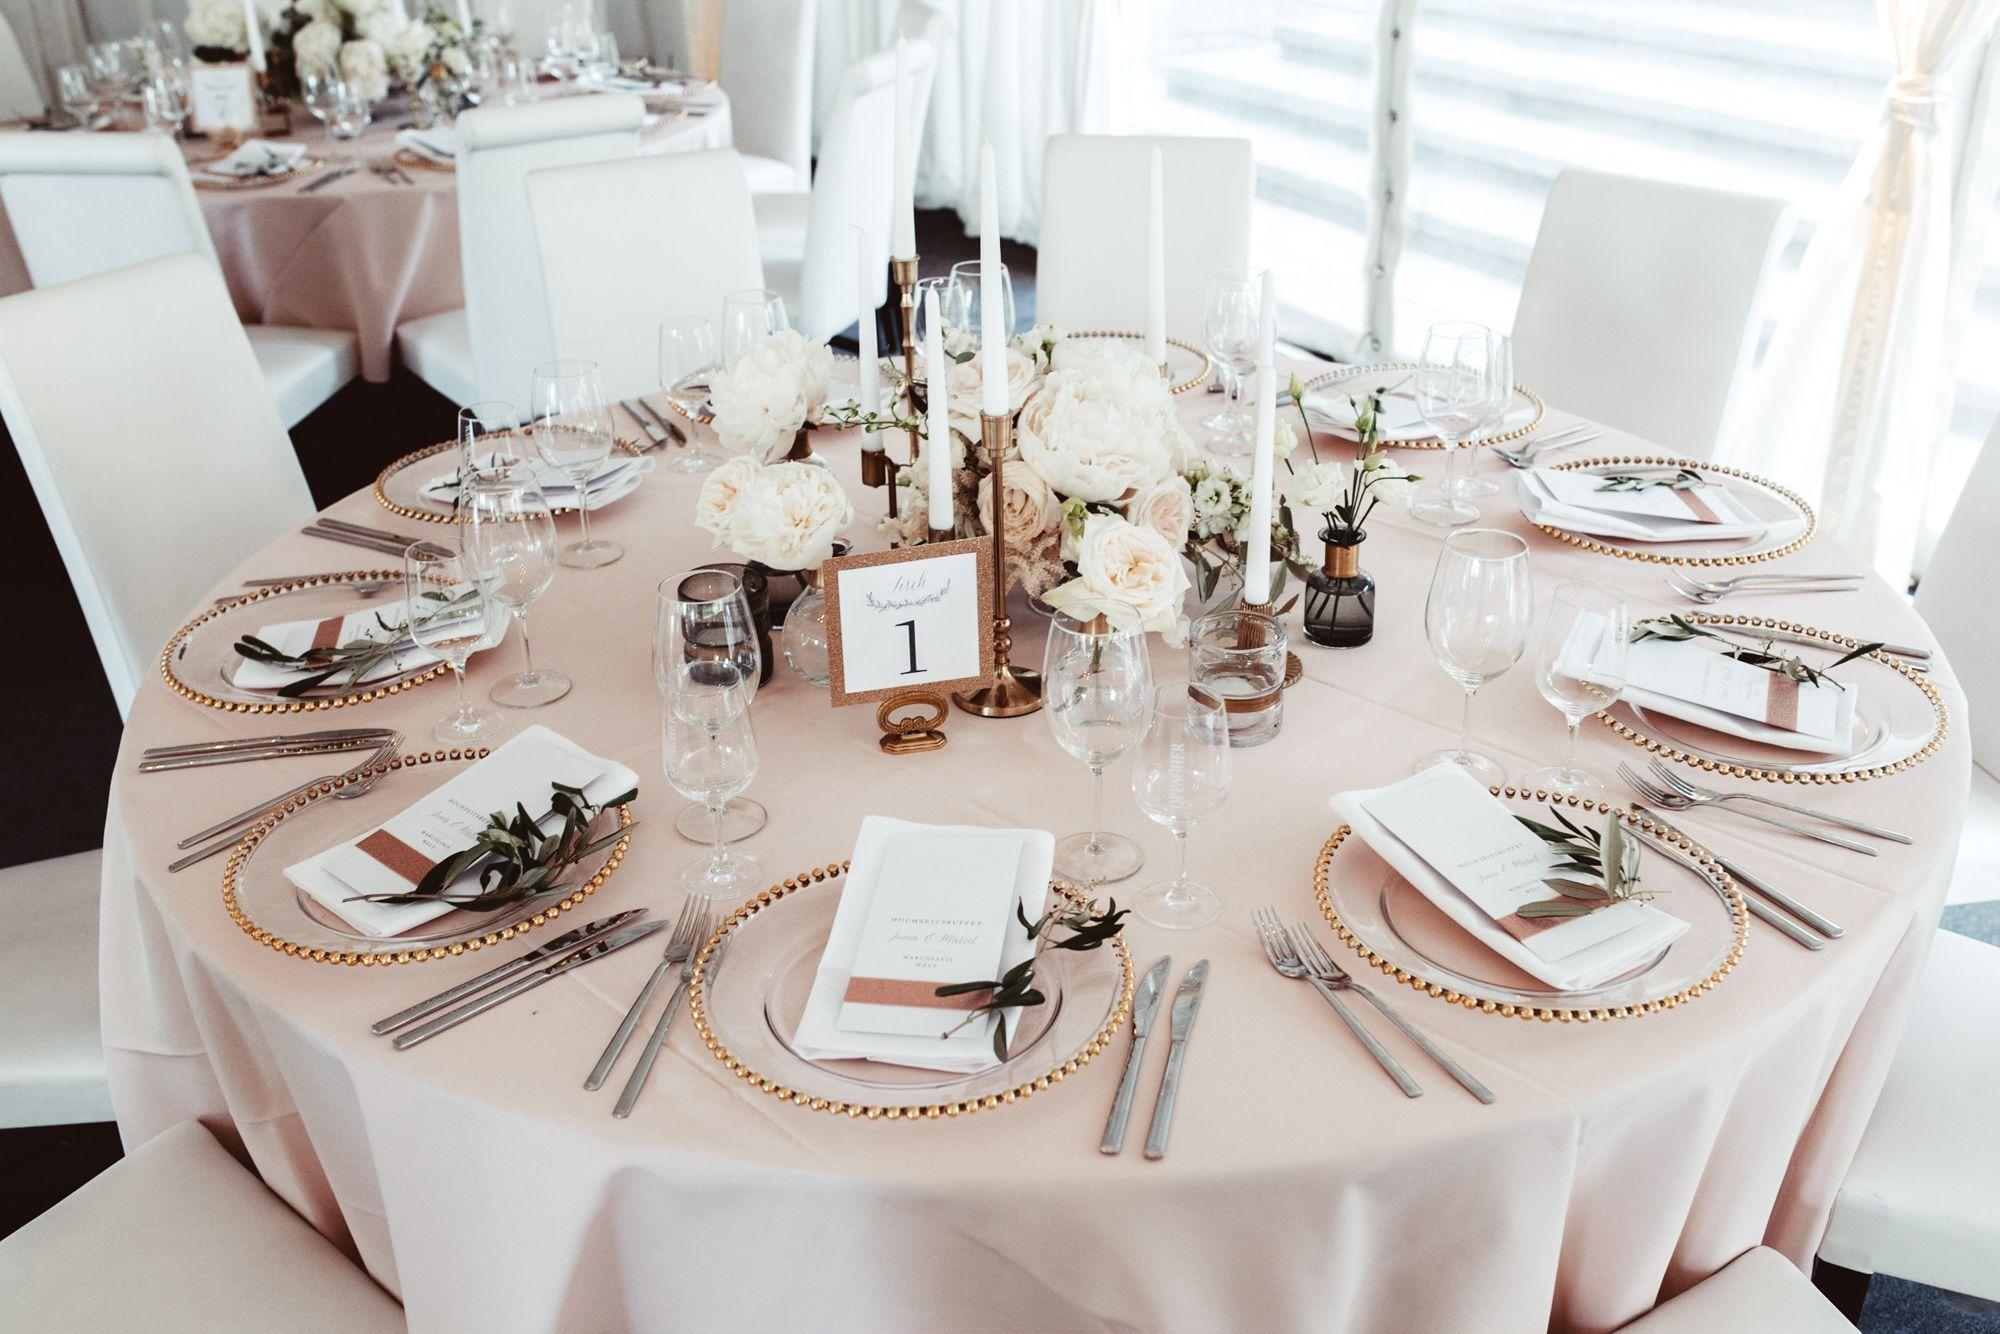 Wedding Table Decoration Hochzeit Tischdecko Runder Tische Deko Rose Weiss Gol Decoratio In 2020 Hochzeit Tischdecken Hochzeit Deko Tisch Hochzeitstischdekoration